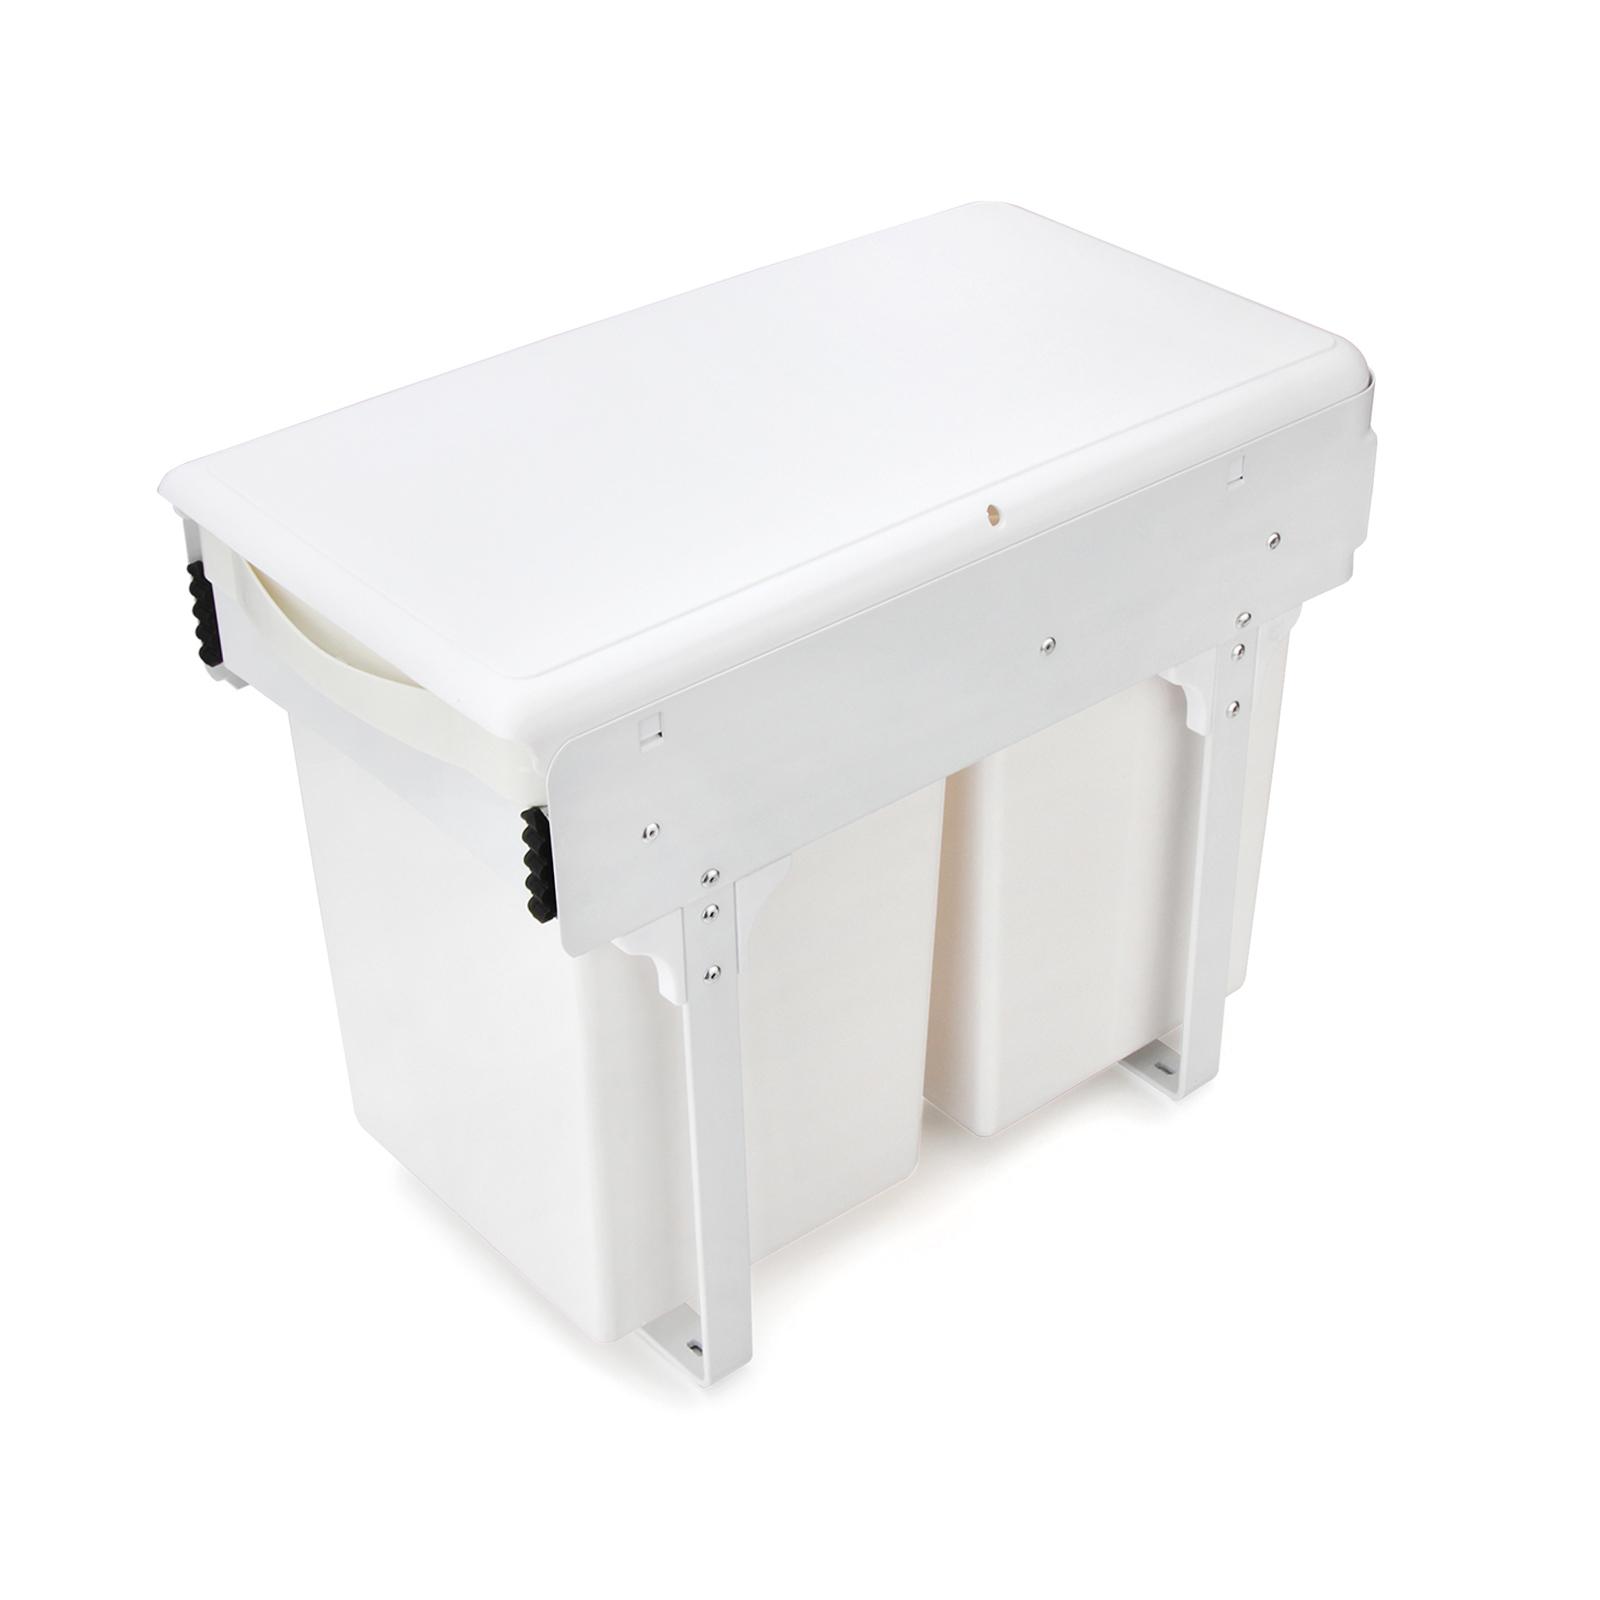 Details zu 2 x 11L Einbau Abfallsammler Abfalleimer Schrank Mülleimer  Ausziehbar Weiß Küche